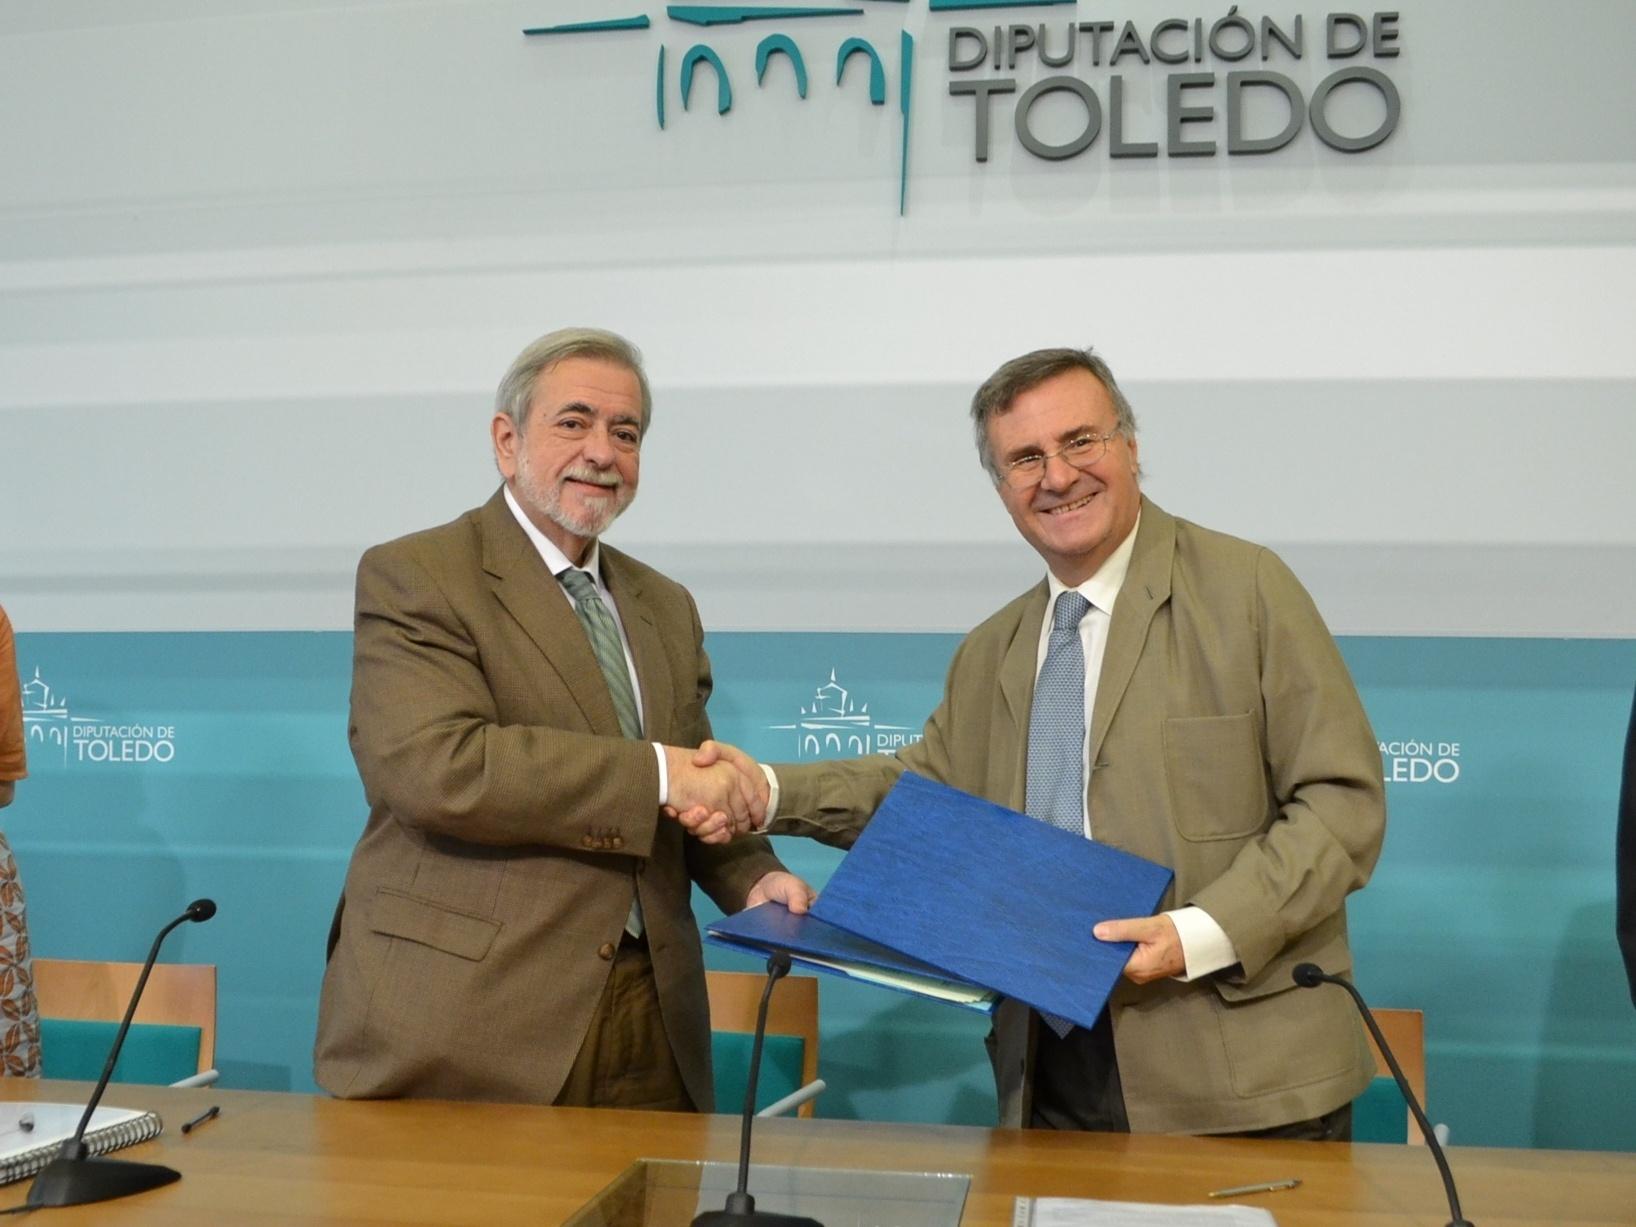 La de Toledo, primera Diputación en adherirse a la Oficina de Registro Virtual, que permite ahorrar 400.000 euros al año